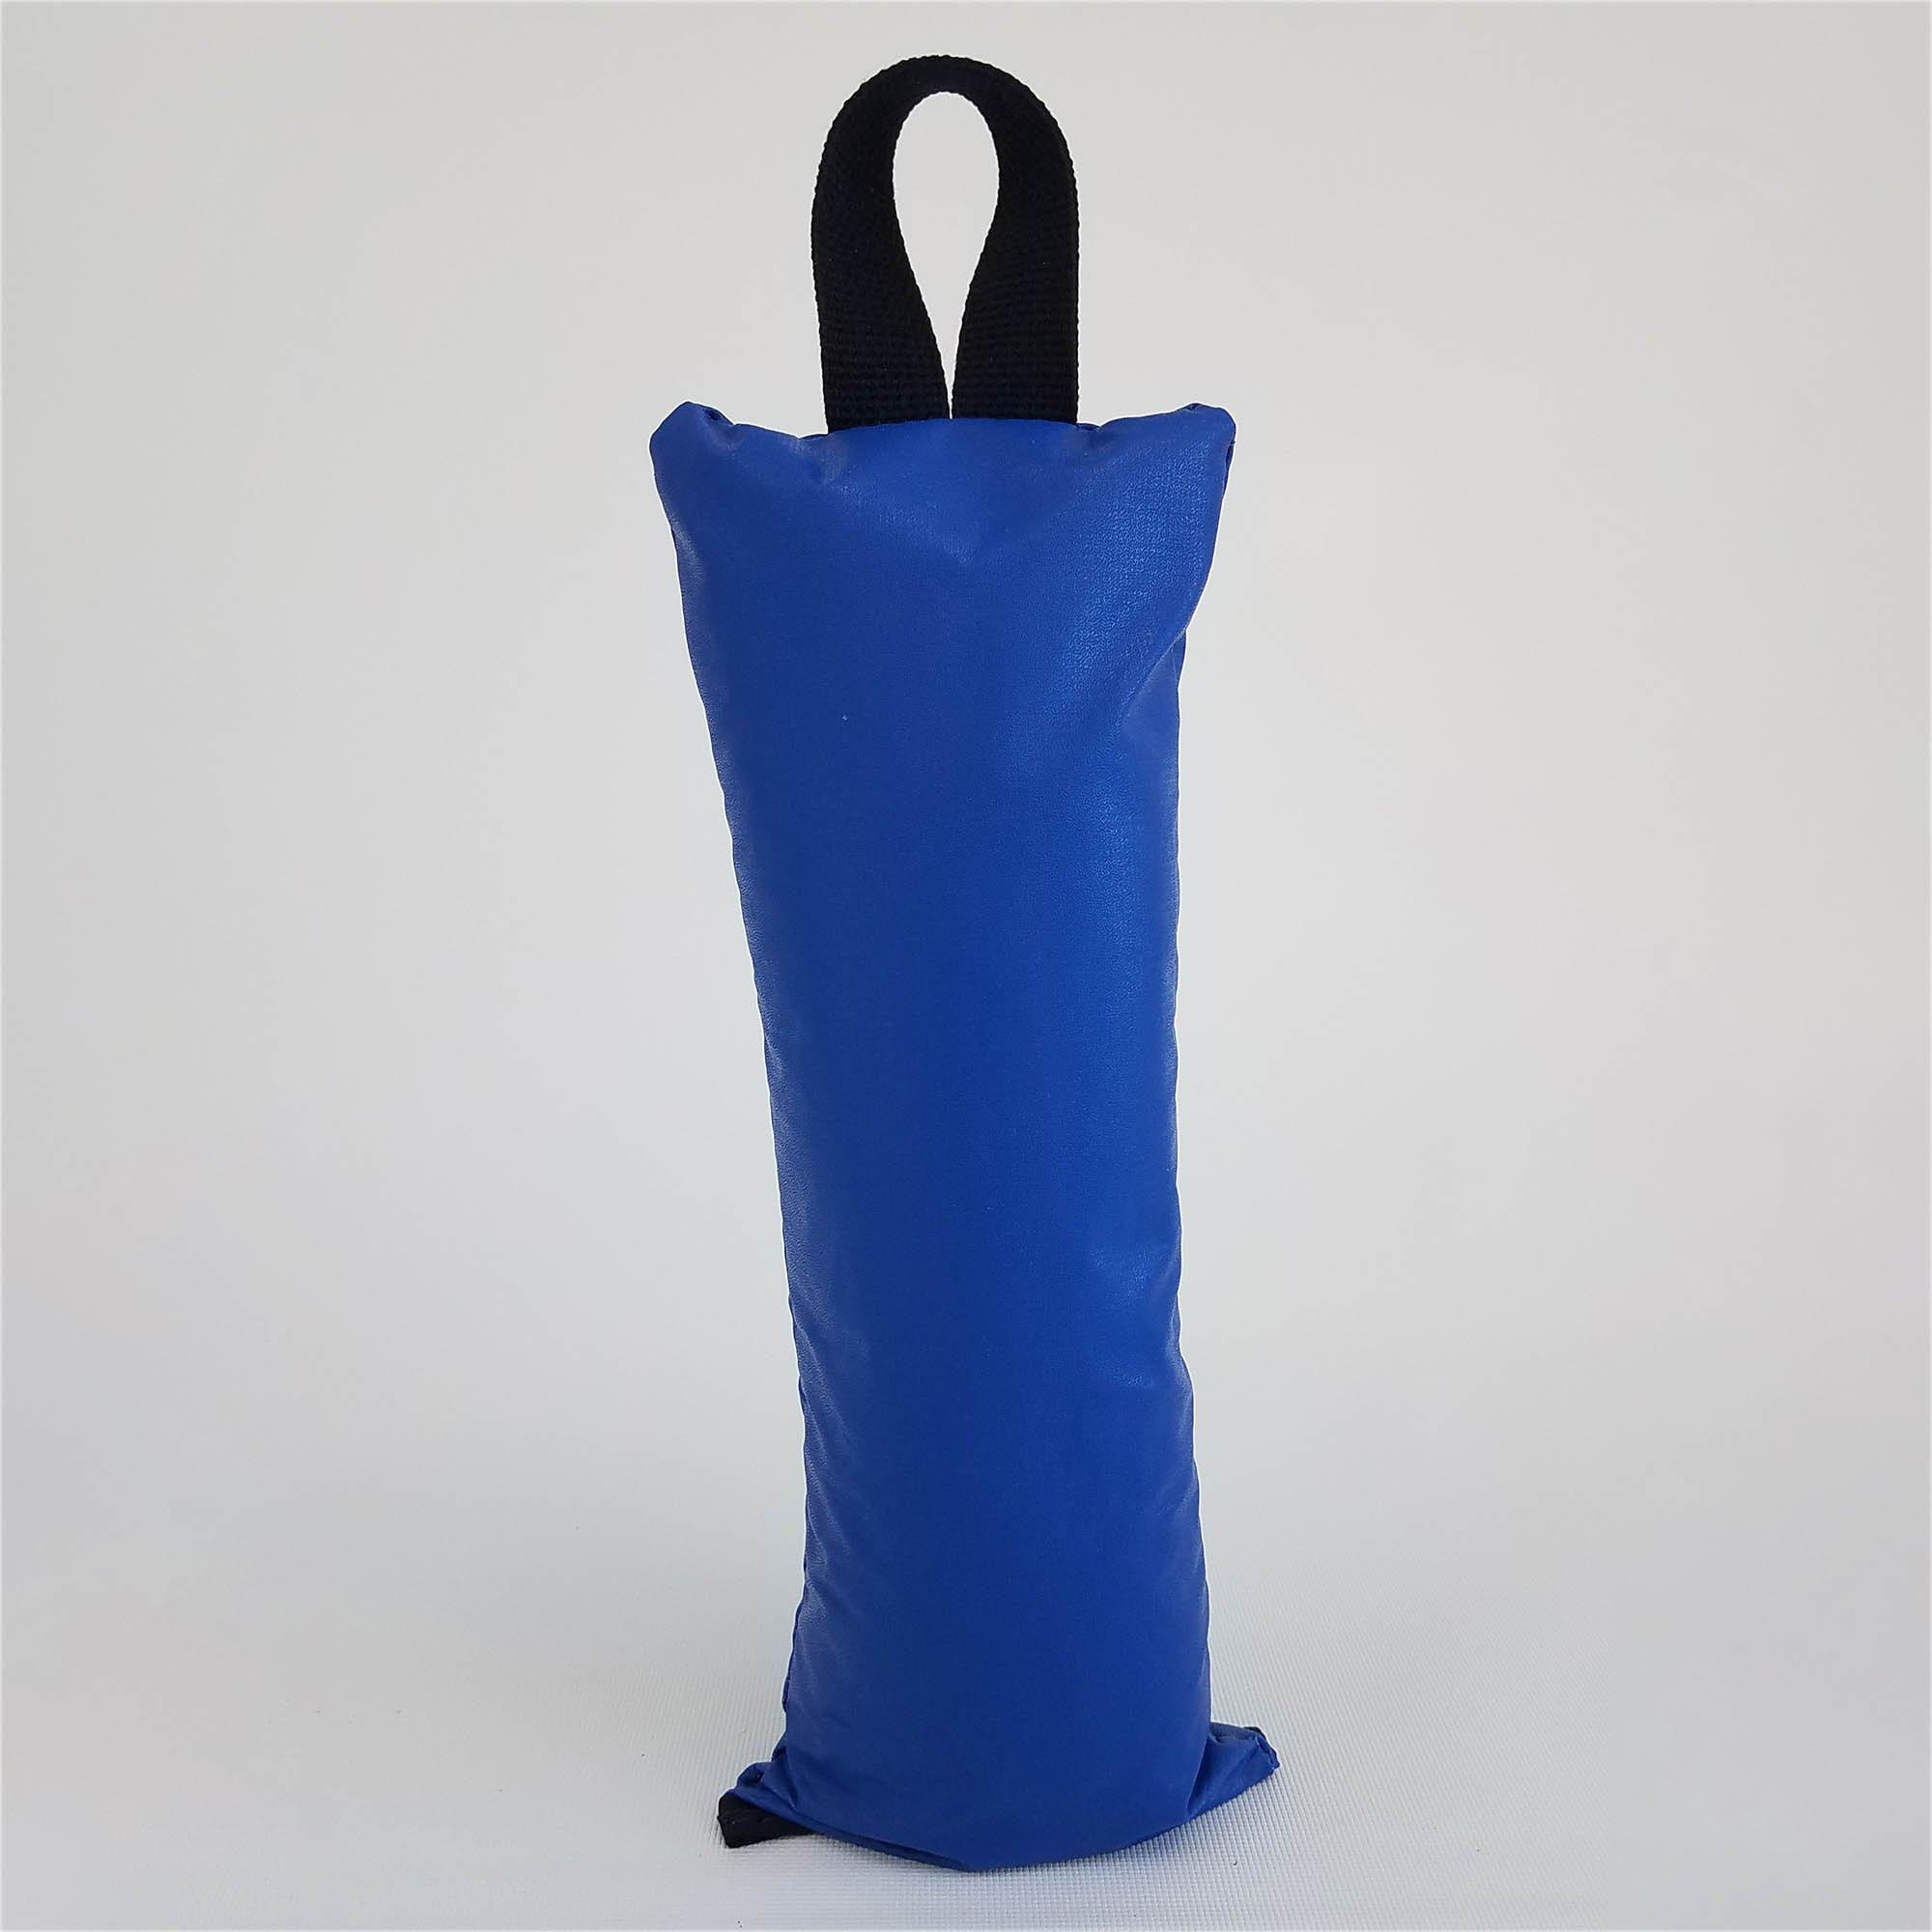 5 Lbs Single Sandbag Size 6